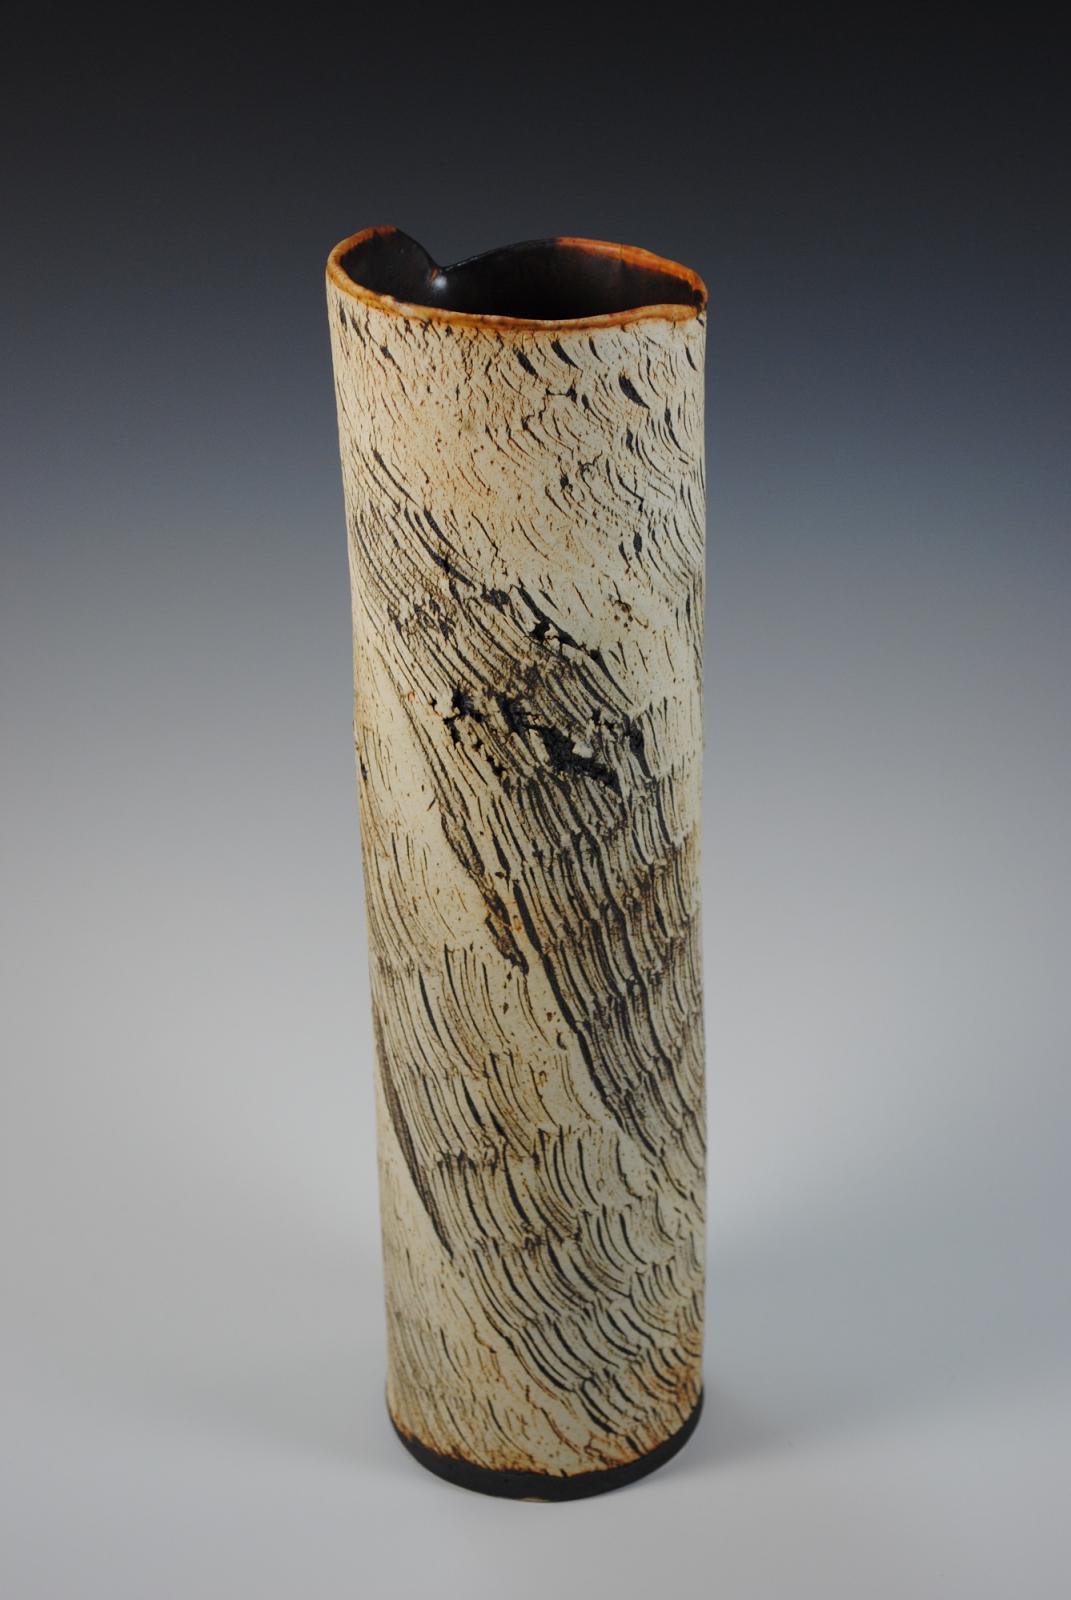 Akira Satake Kohiki Slip Work (From Going Price Of A Mug